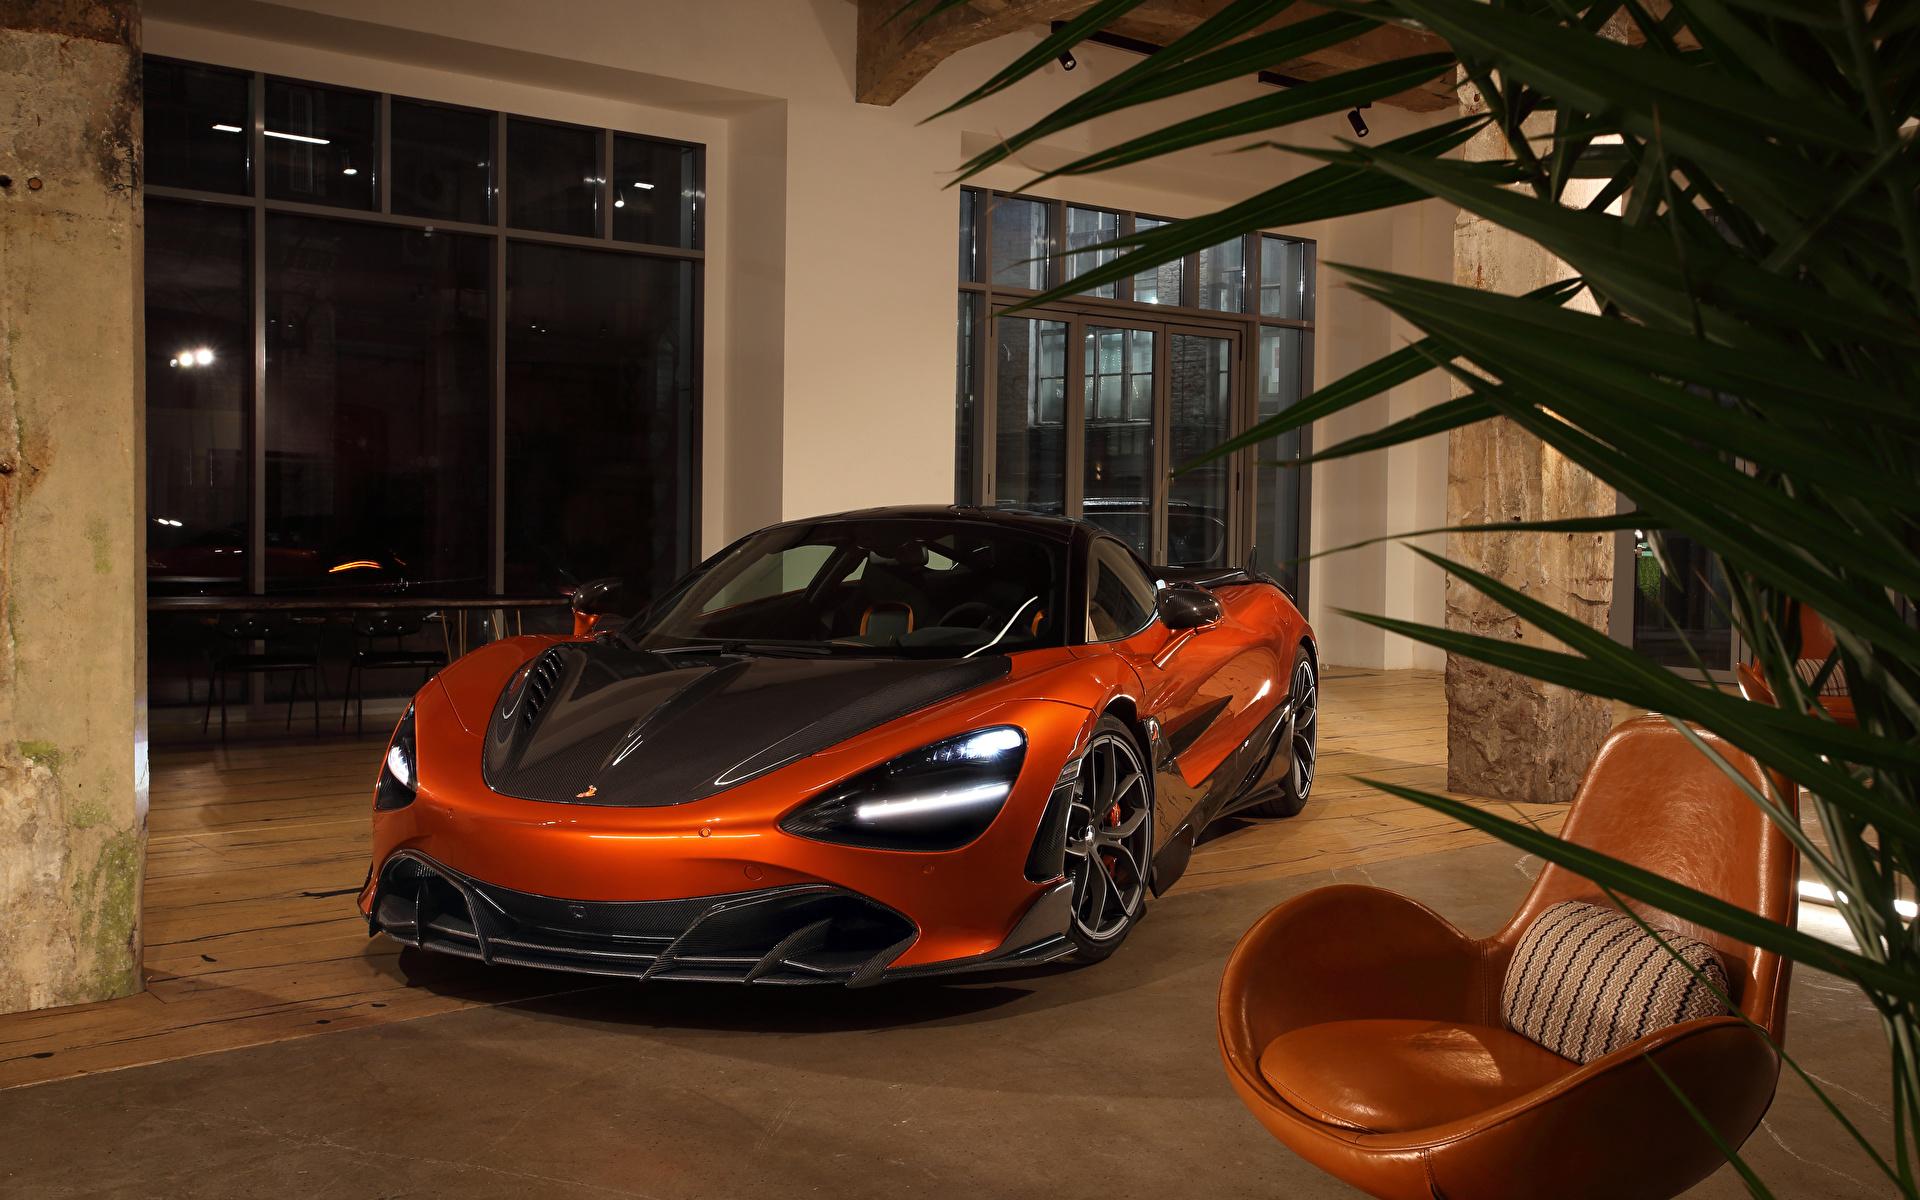 Фото McLaren 2020-21 TopCar 720S Fury оранжевые Металлик автомобиль 1920x1200 Макларен оранжевая Оранжевый оранжевых авто машины машина Автомобили